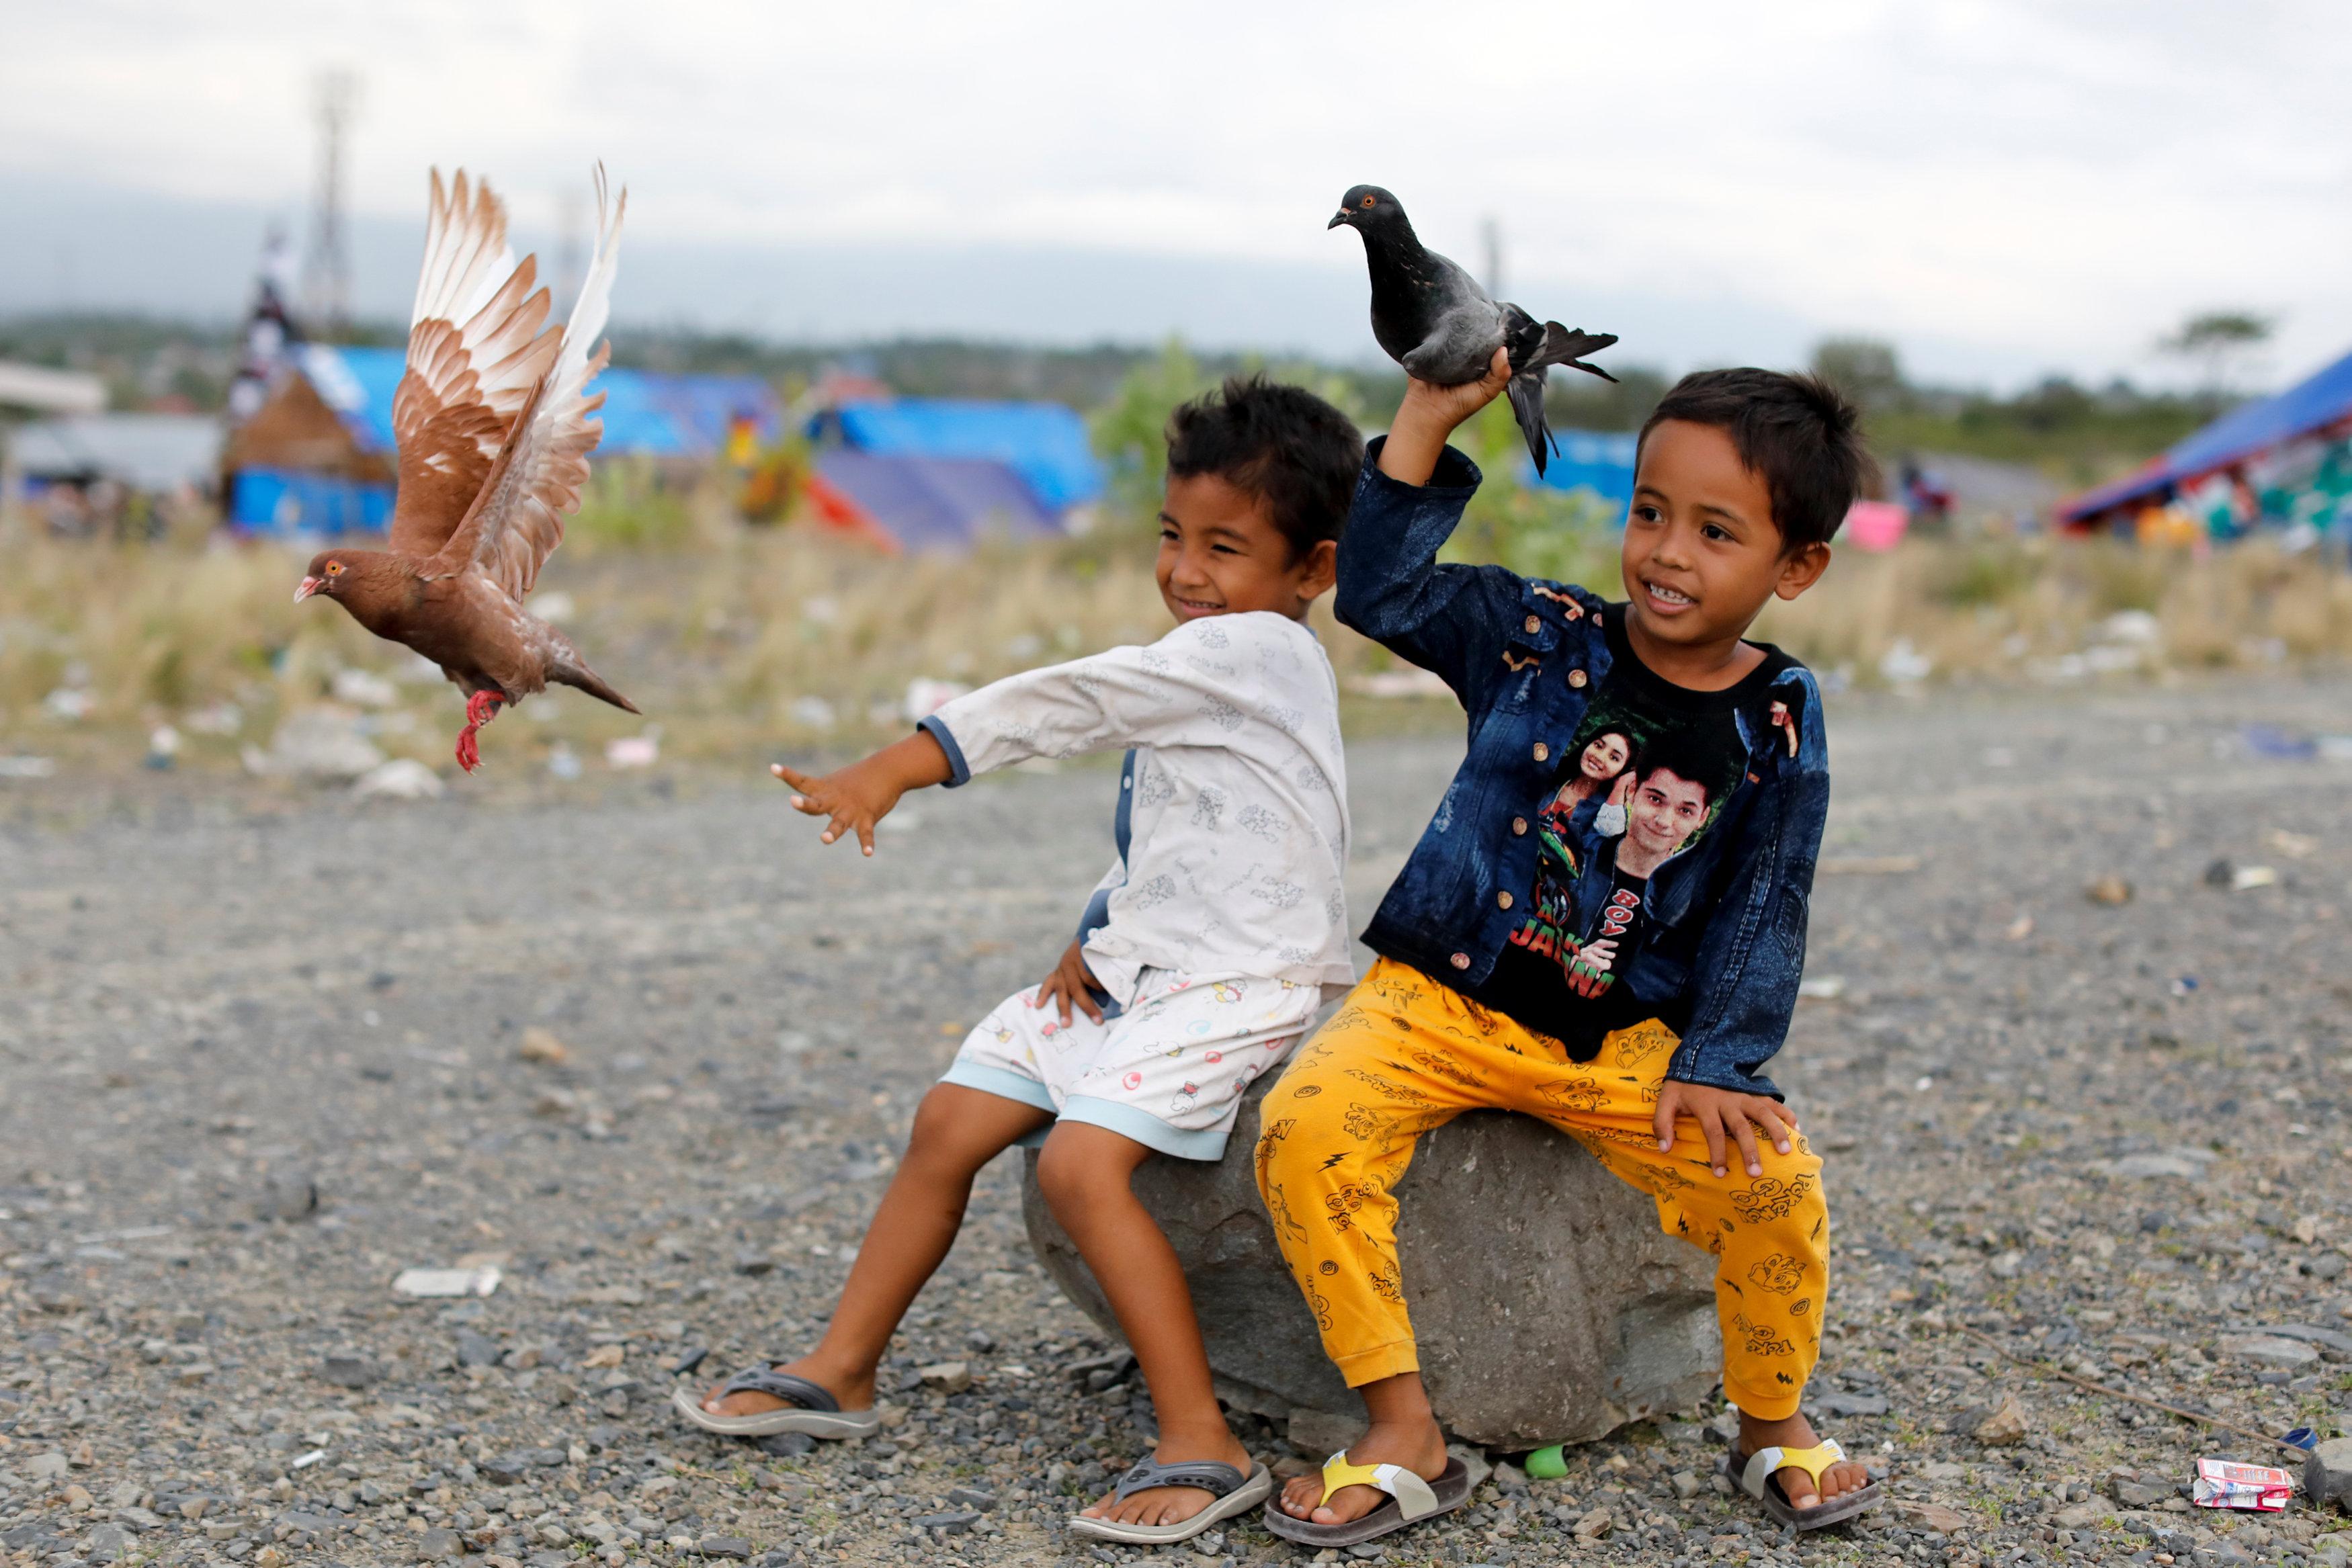 إبتسامة أطفال يحملون الحمام وسط حطام المنازل والمخيمات بموقع الزلزال وتسونامى